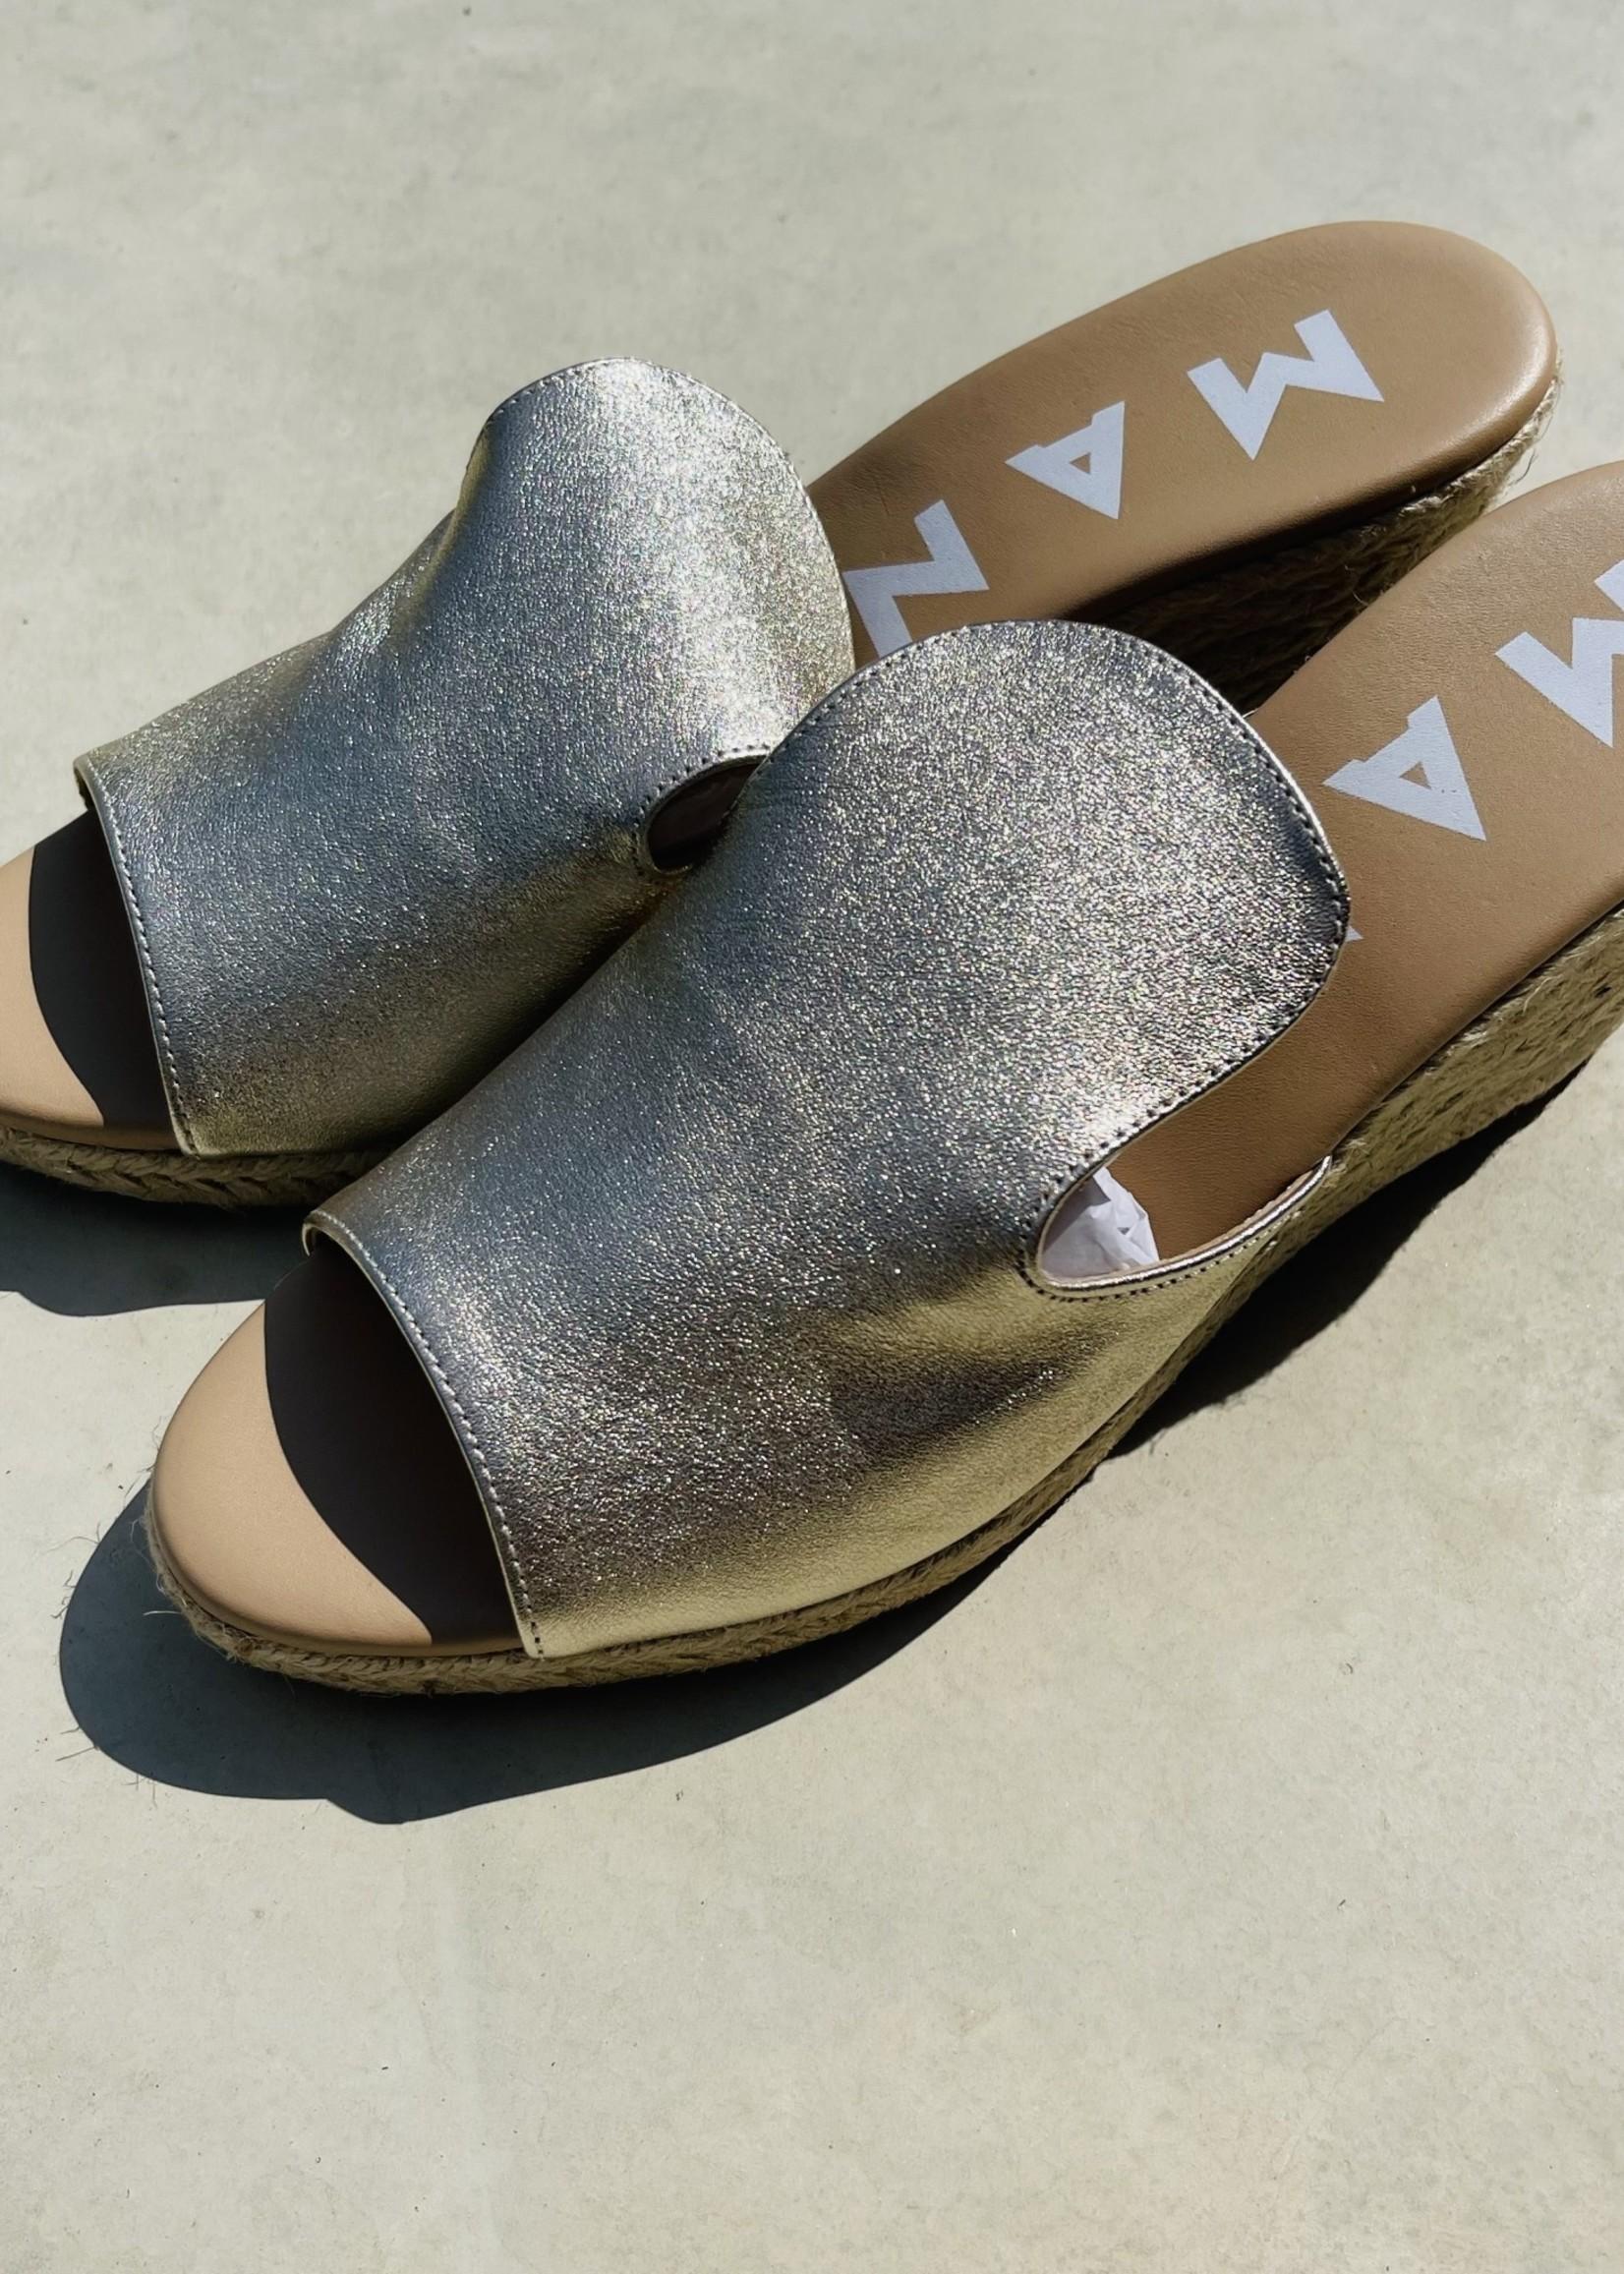 Guts & Goats Golden Sandals